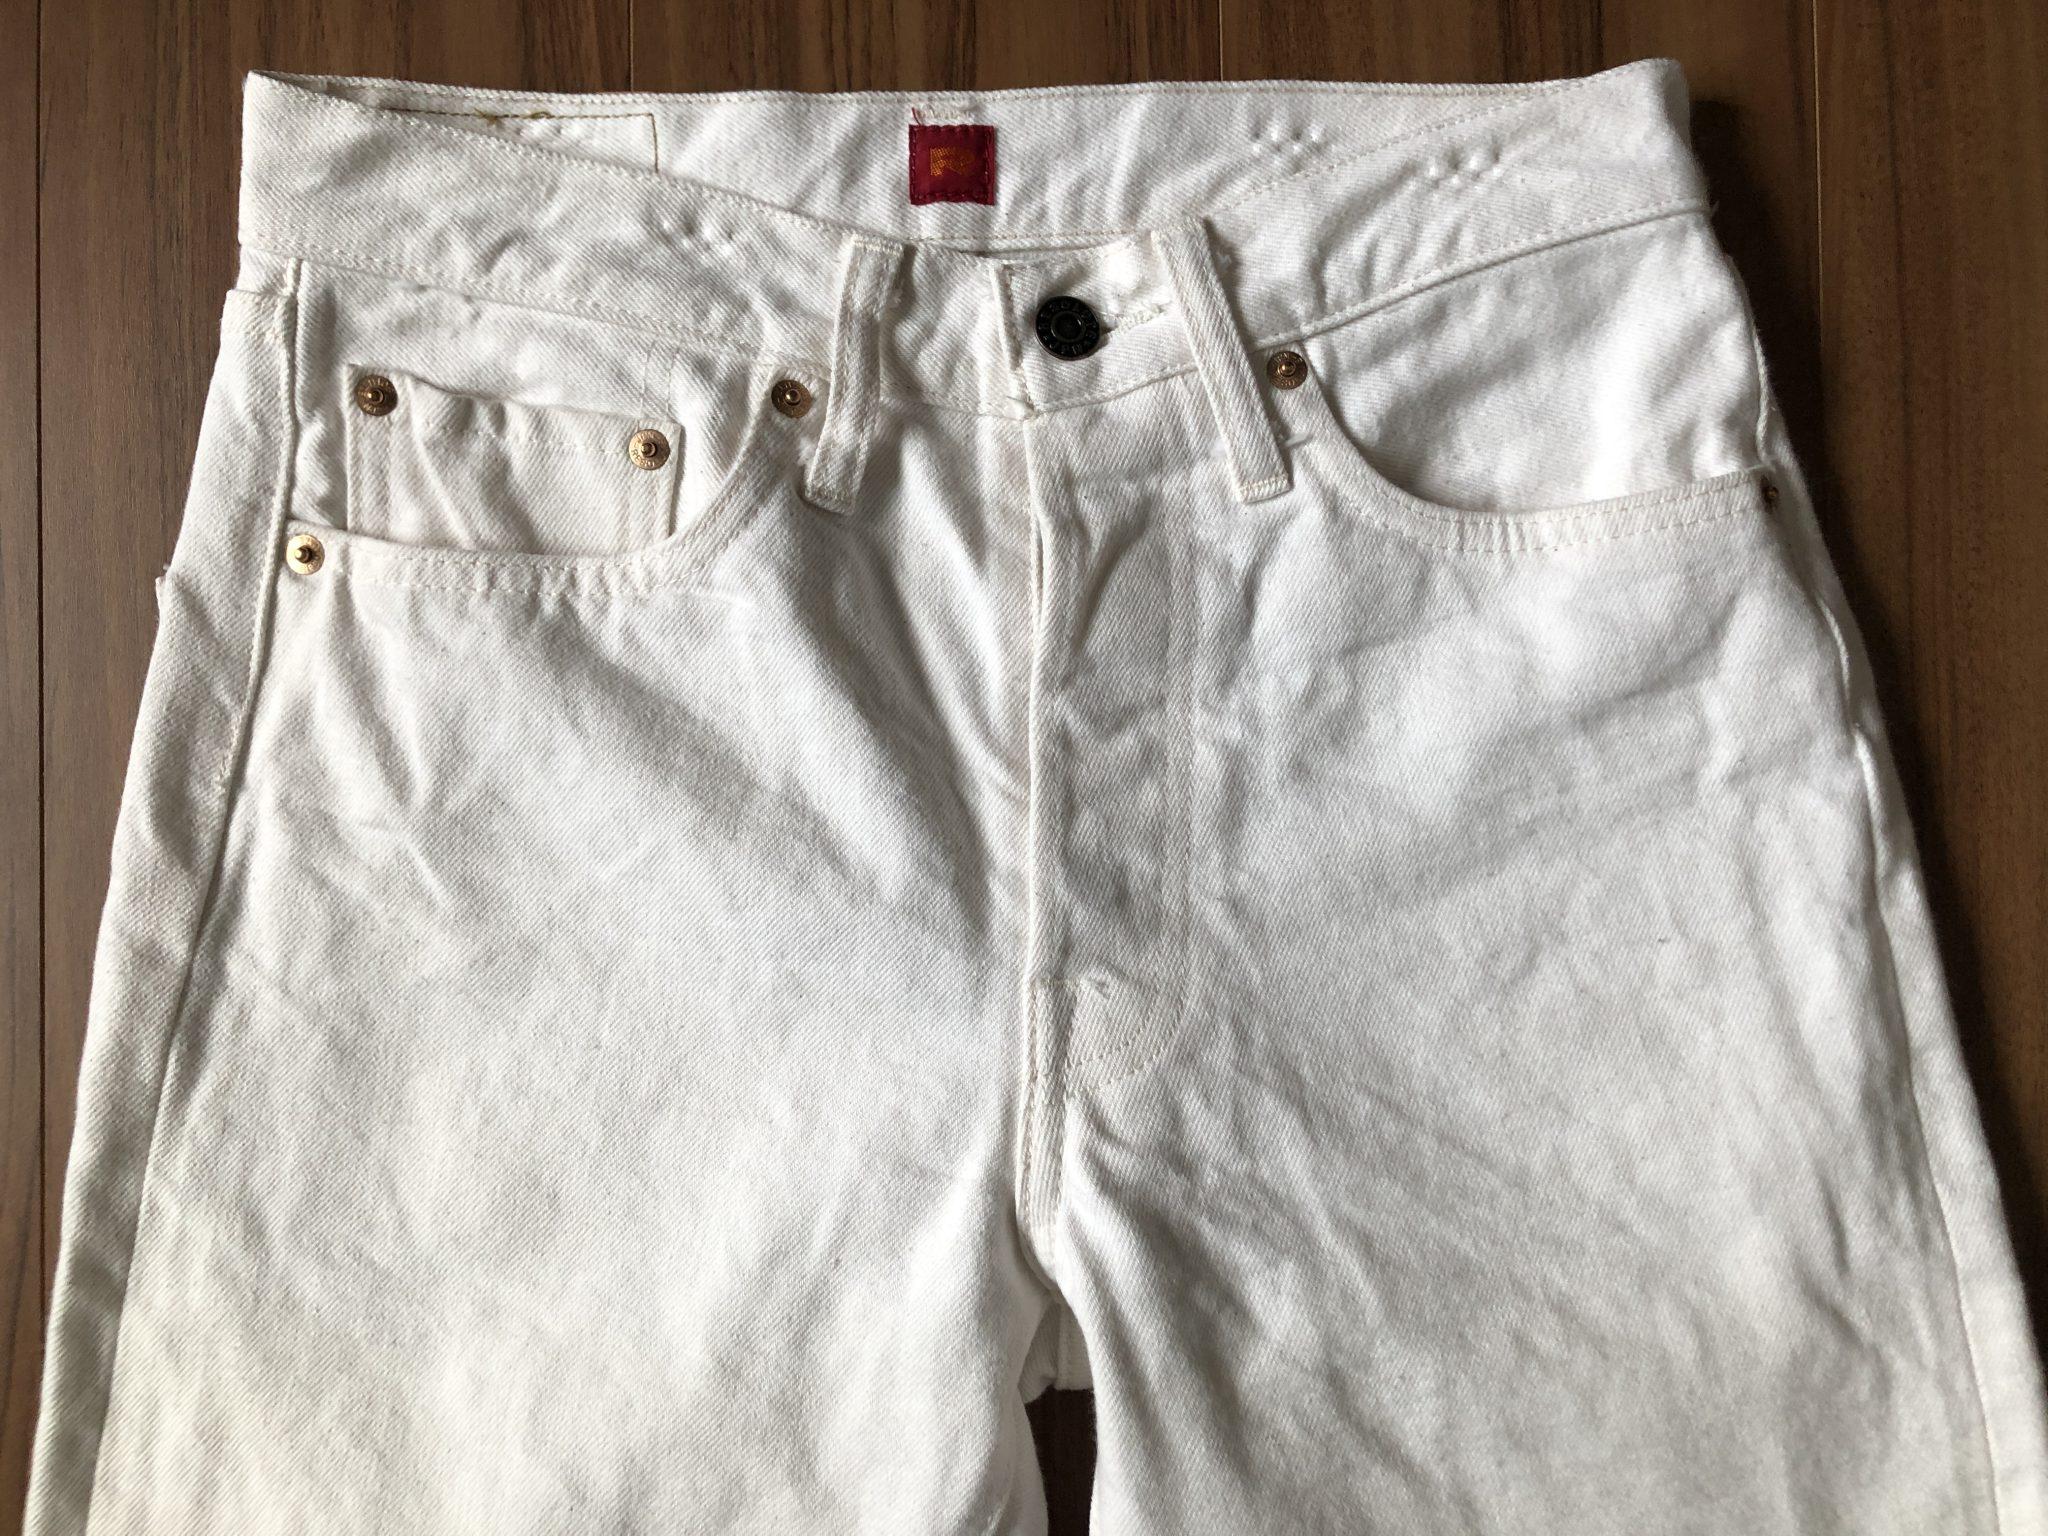 リゾルト Resolute AA710 ホワイト 洗濯 3回目 経年変化 エイジング ヒゲ ひげ